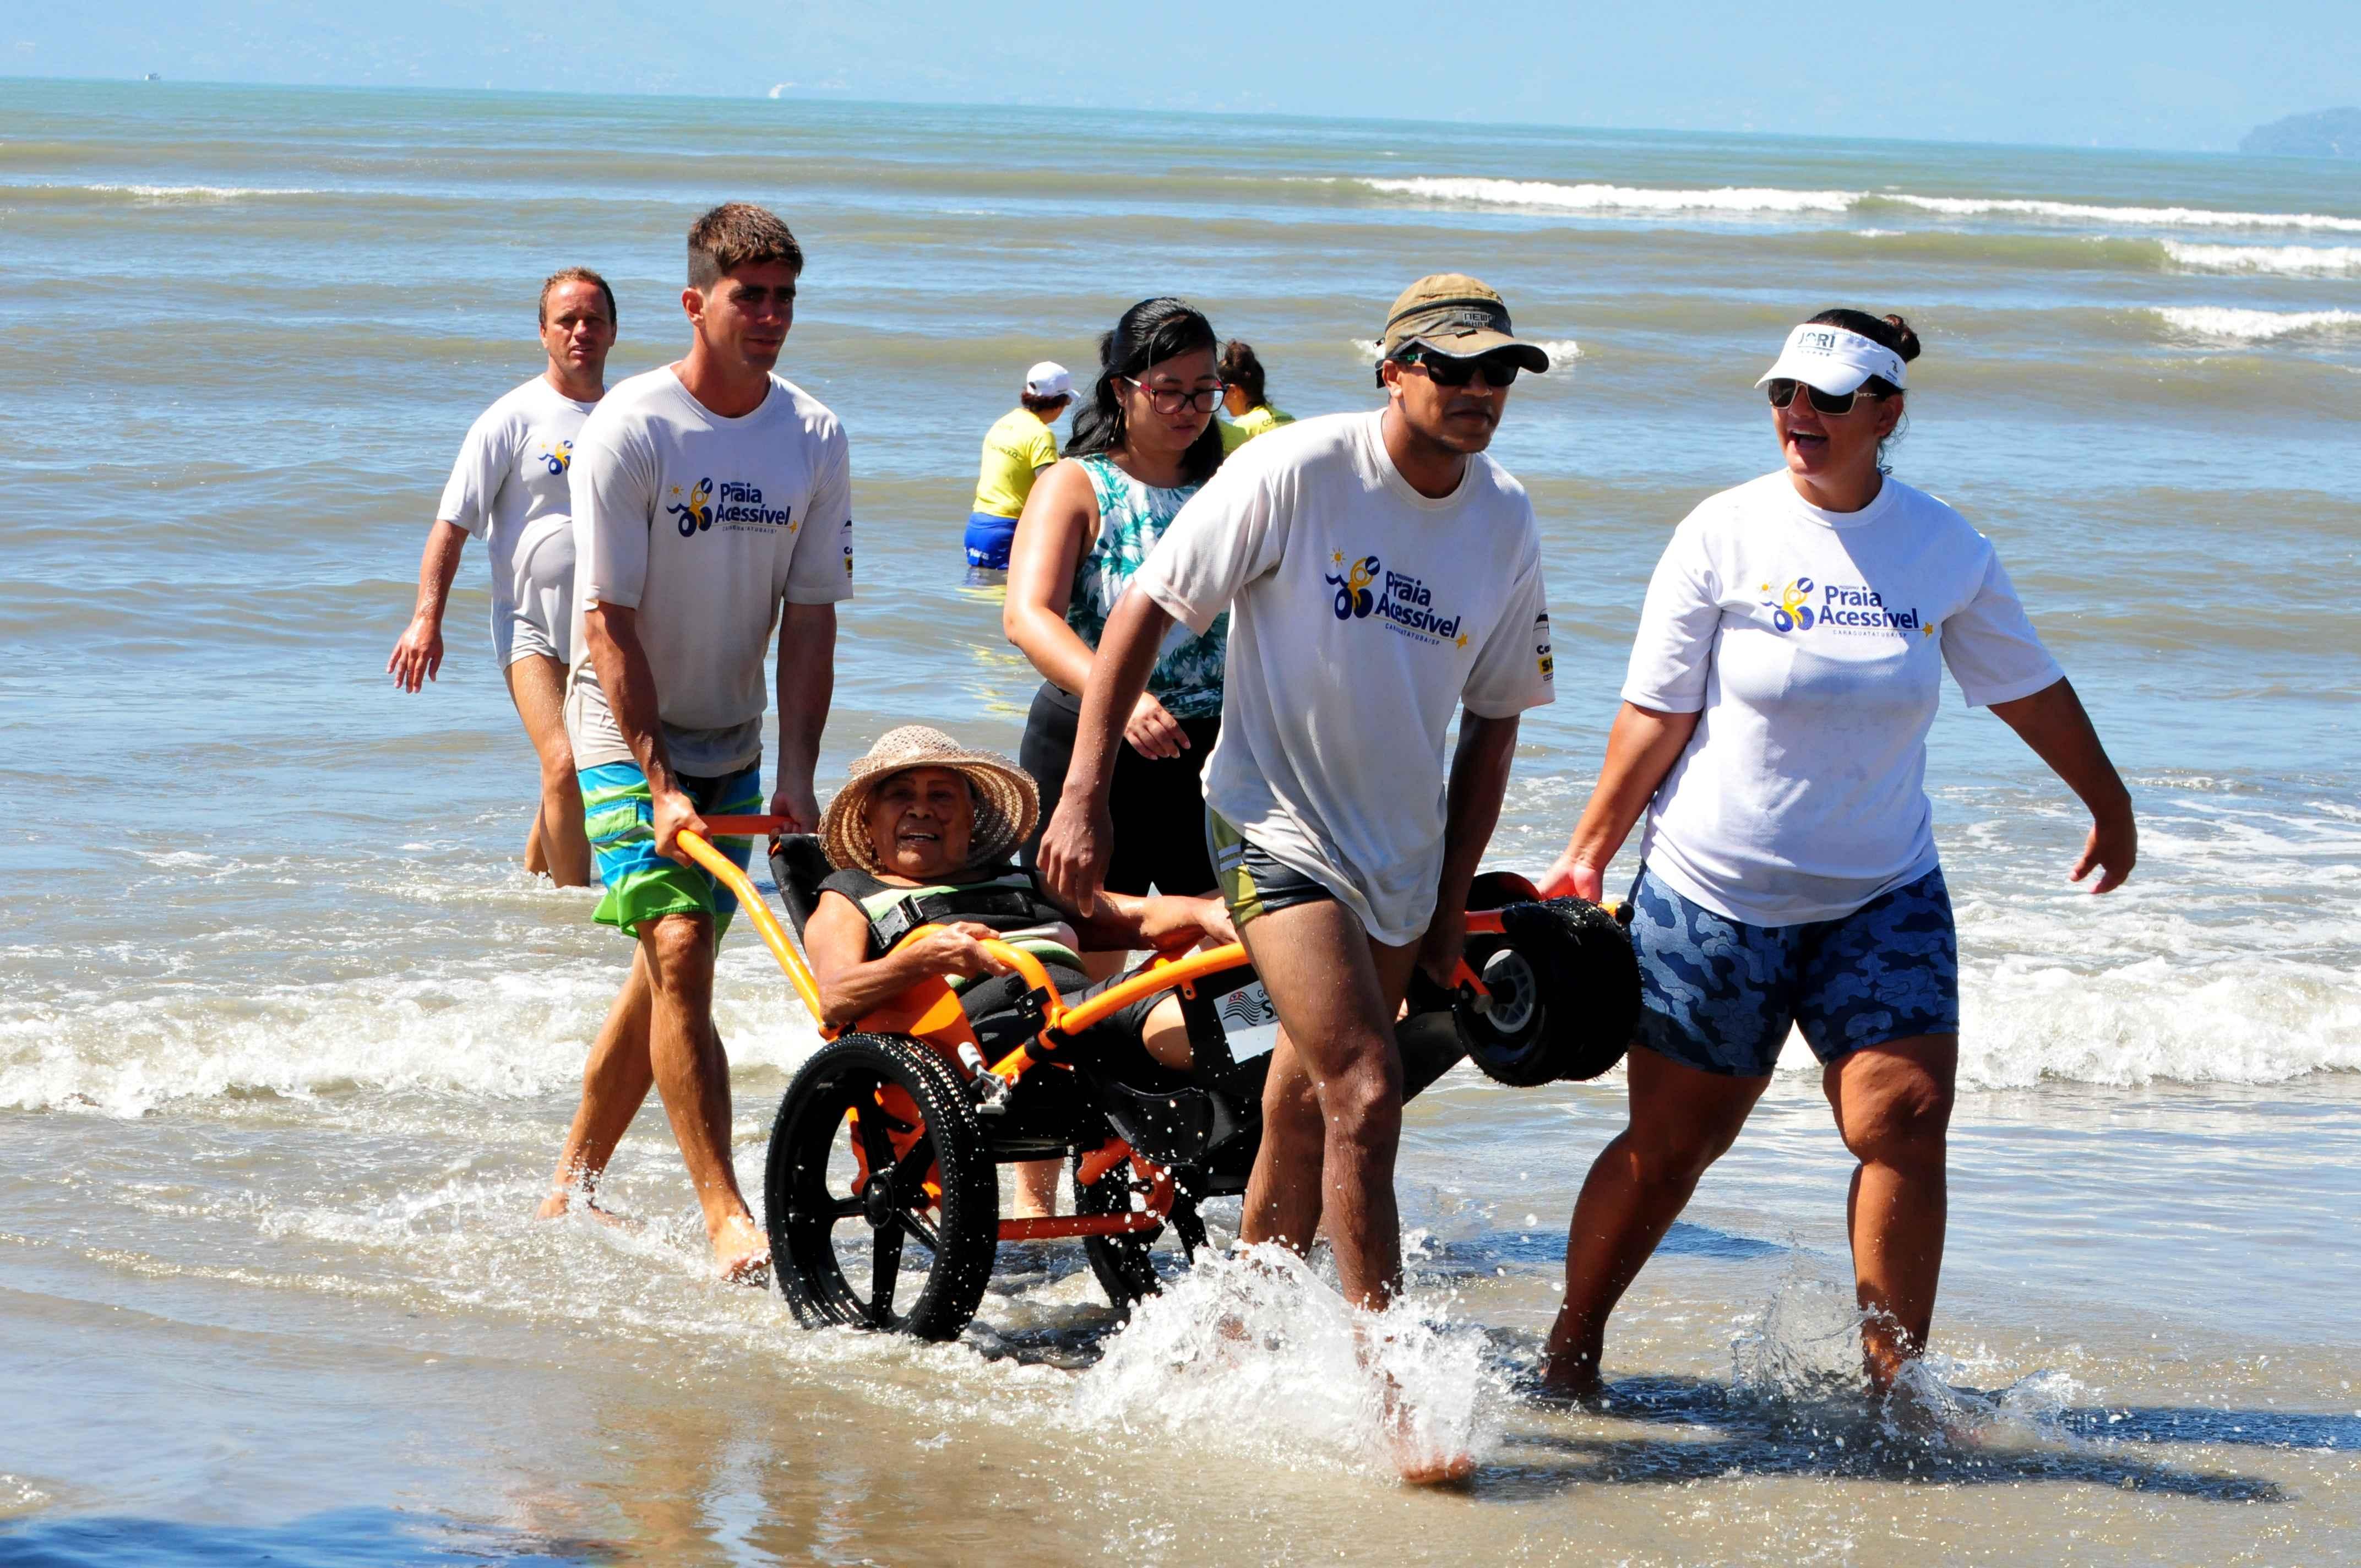 Programa Praia Acessível atenderá em novos locais (Fotos: Cláudio Gomes/PMC e Luís Gava/PMC)